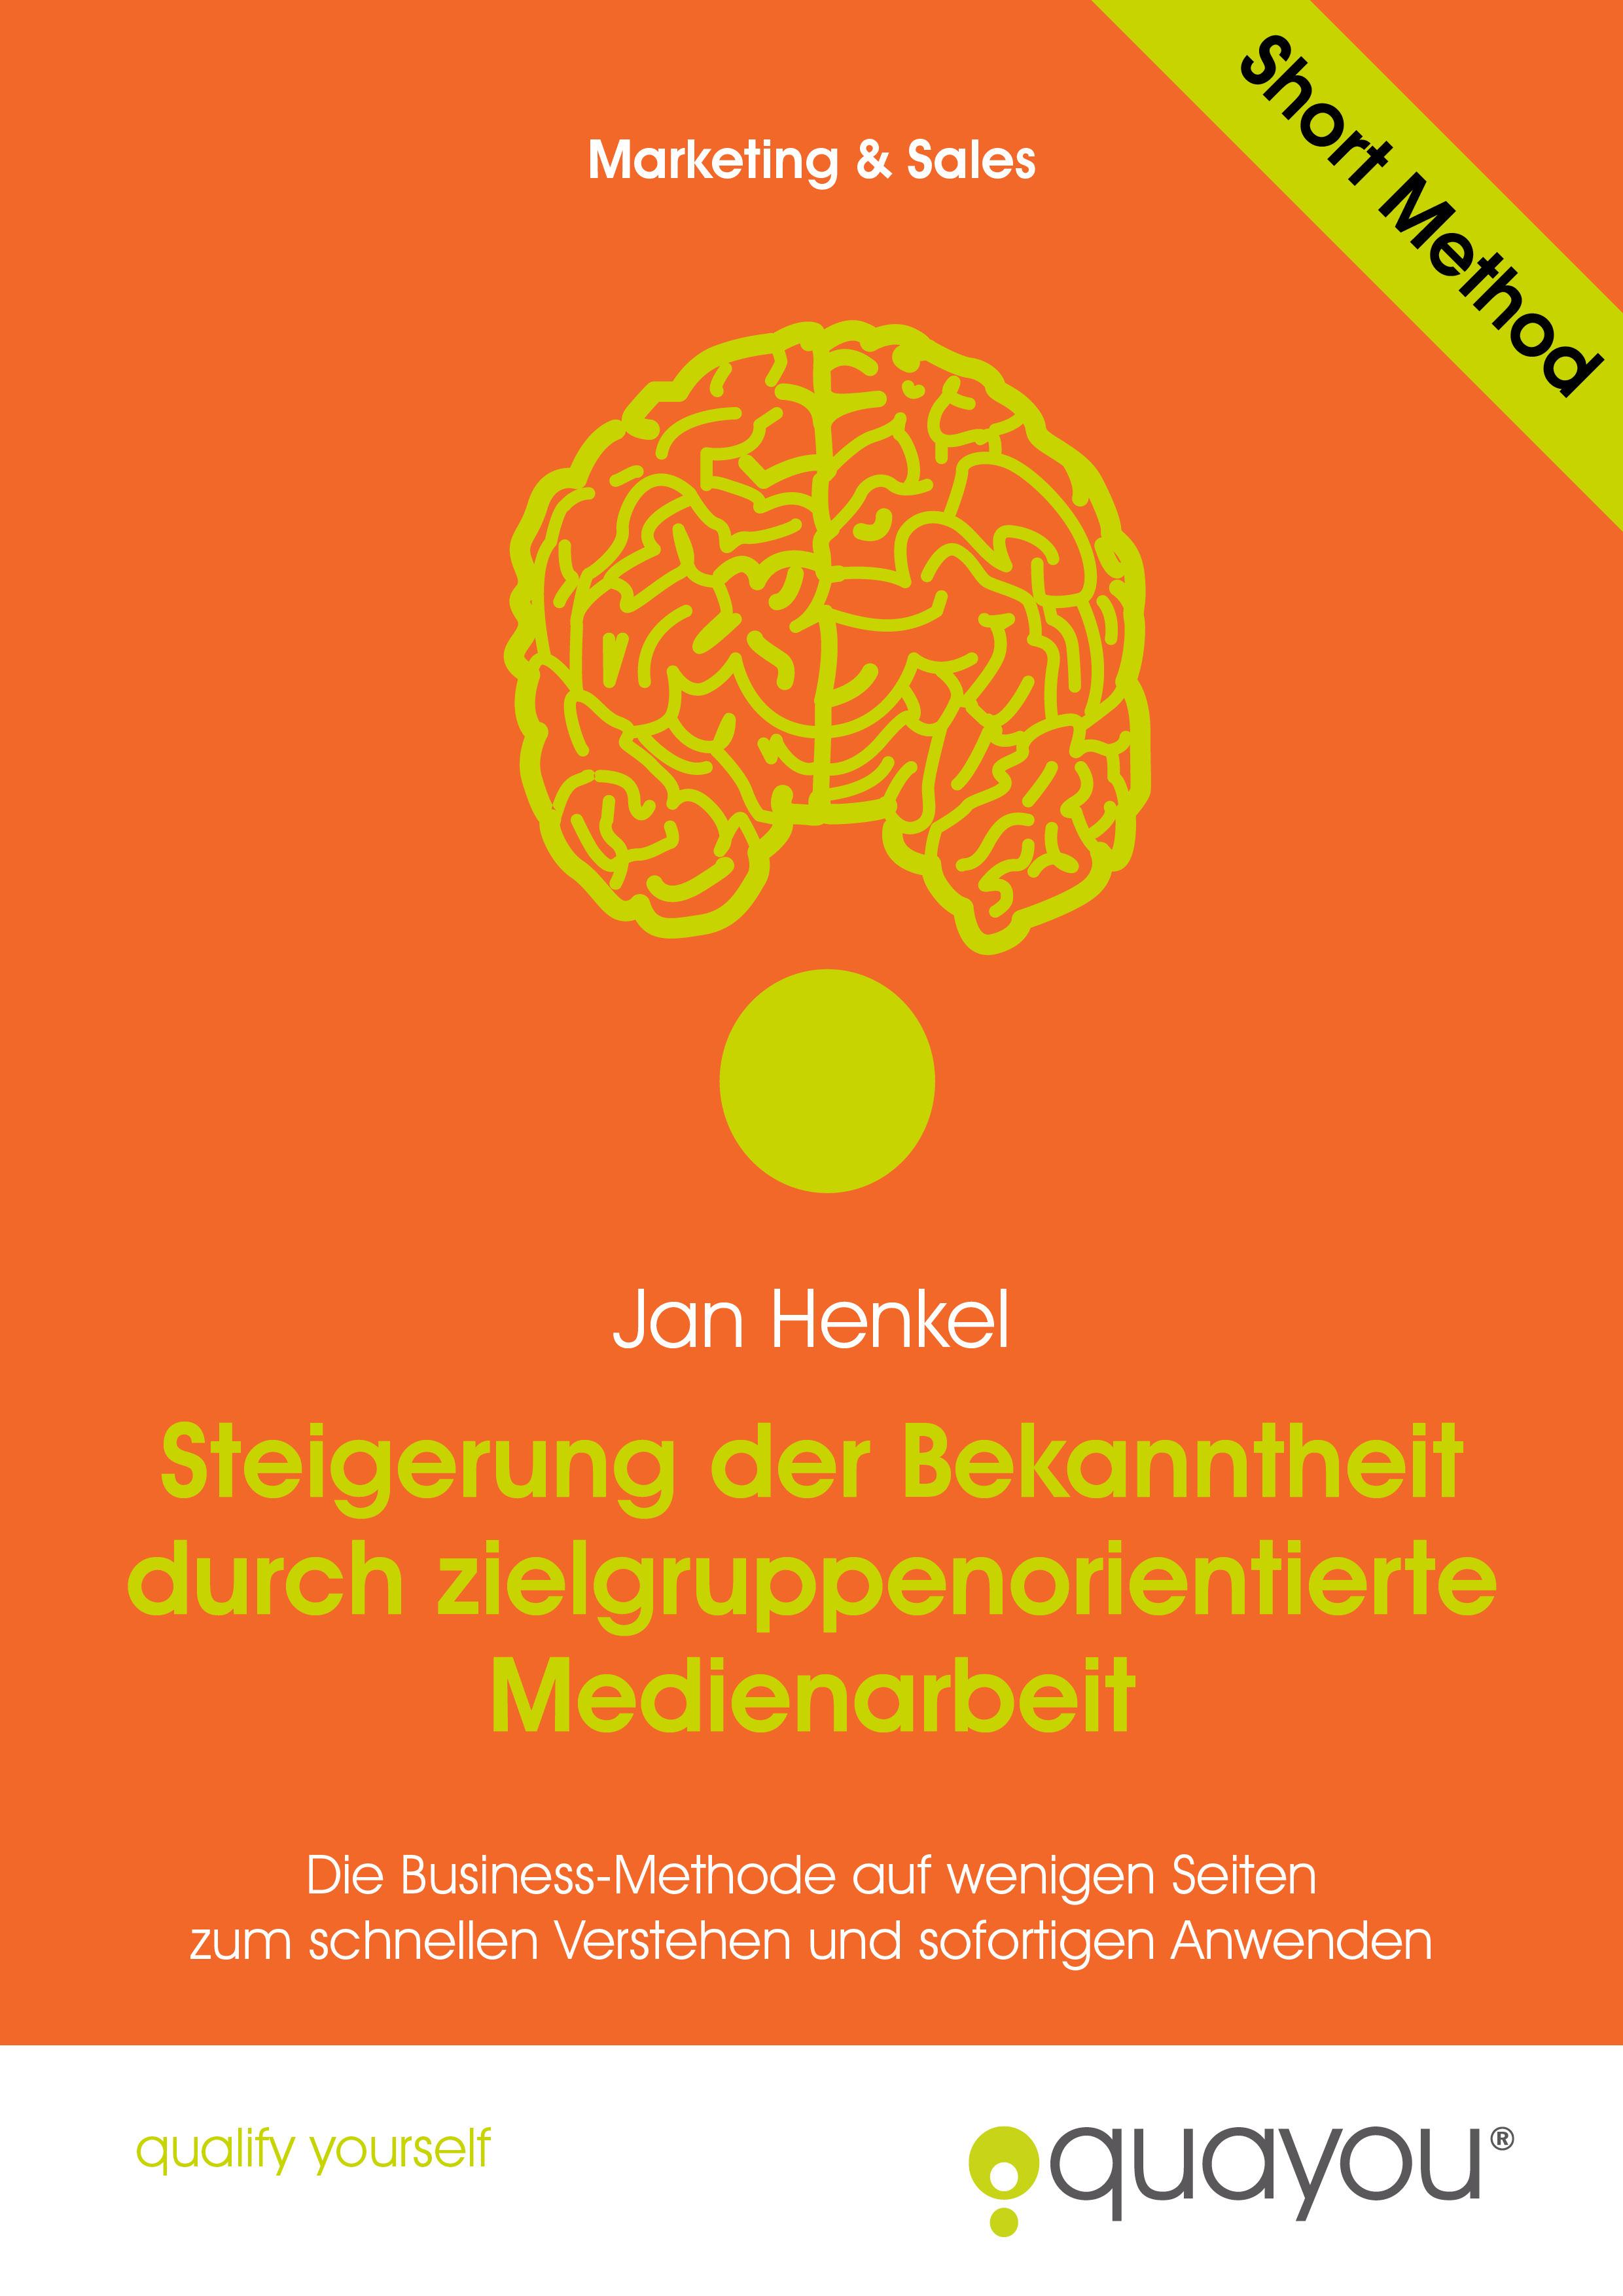 Steigerung der Bekanntheit durch zielgruppenorientierte Medienarbeit Jan Henkel